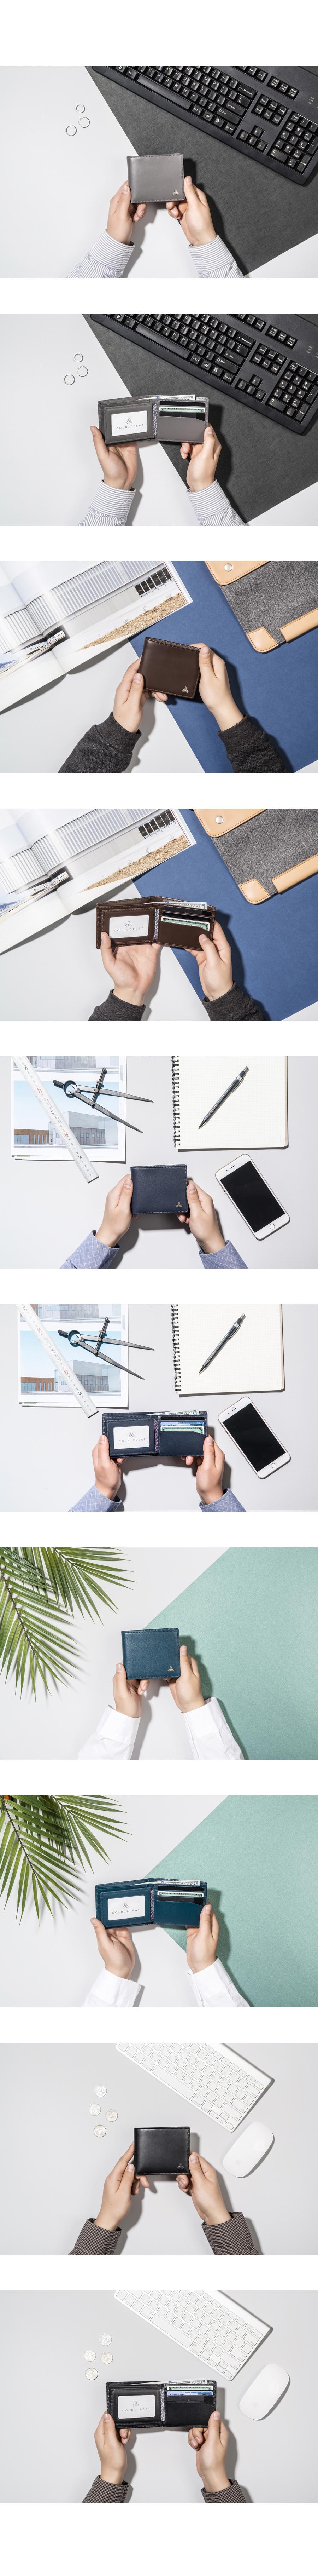 [코앤크릿] OBJECT 17WSM0201BK 심볼 스토리지 남성 반지갑 리얼블랙